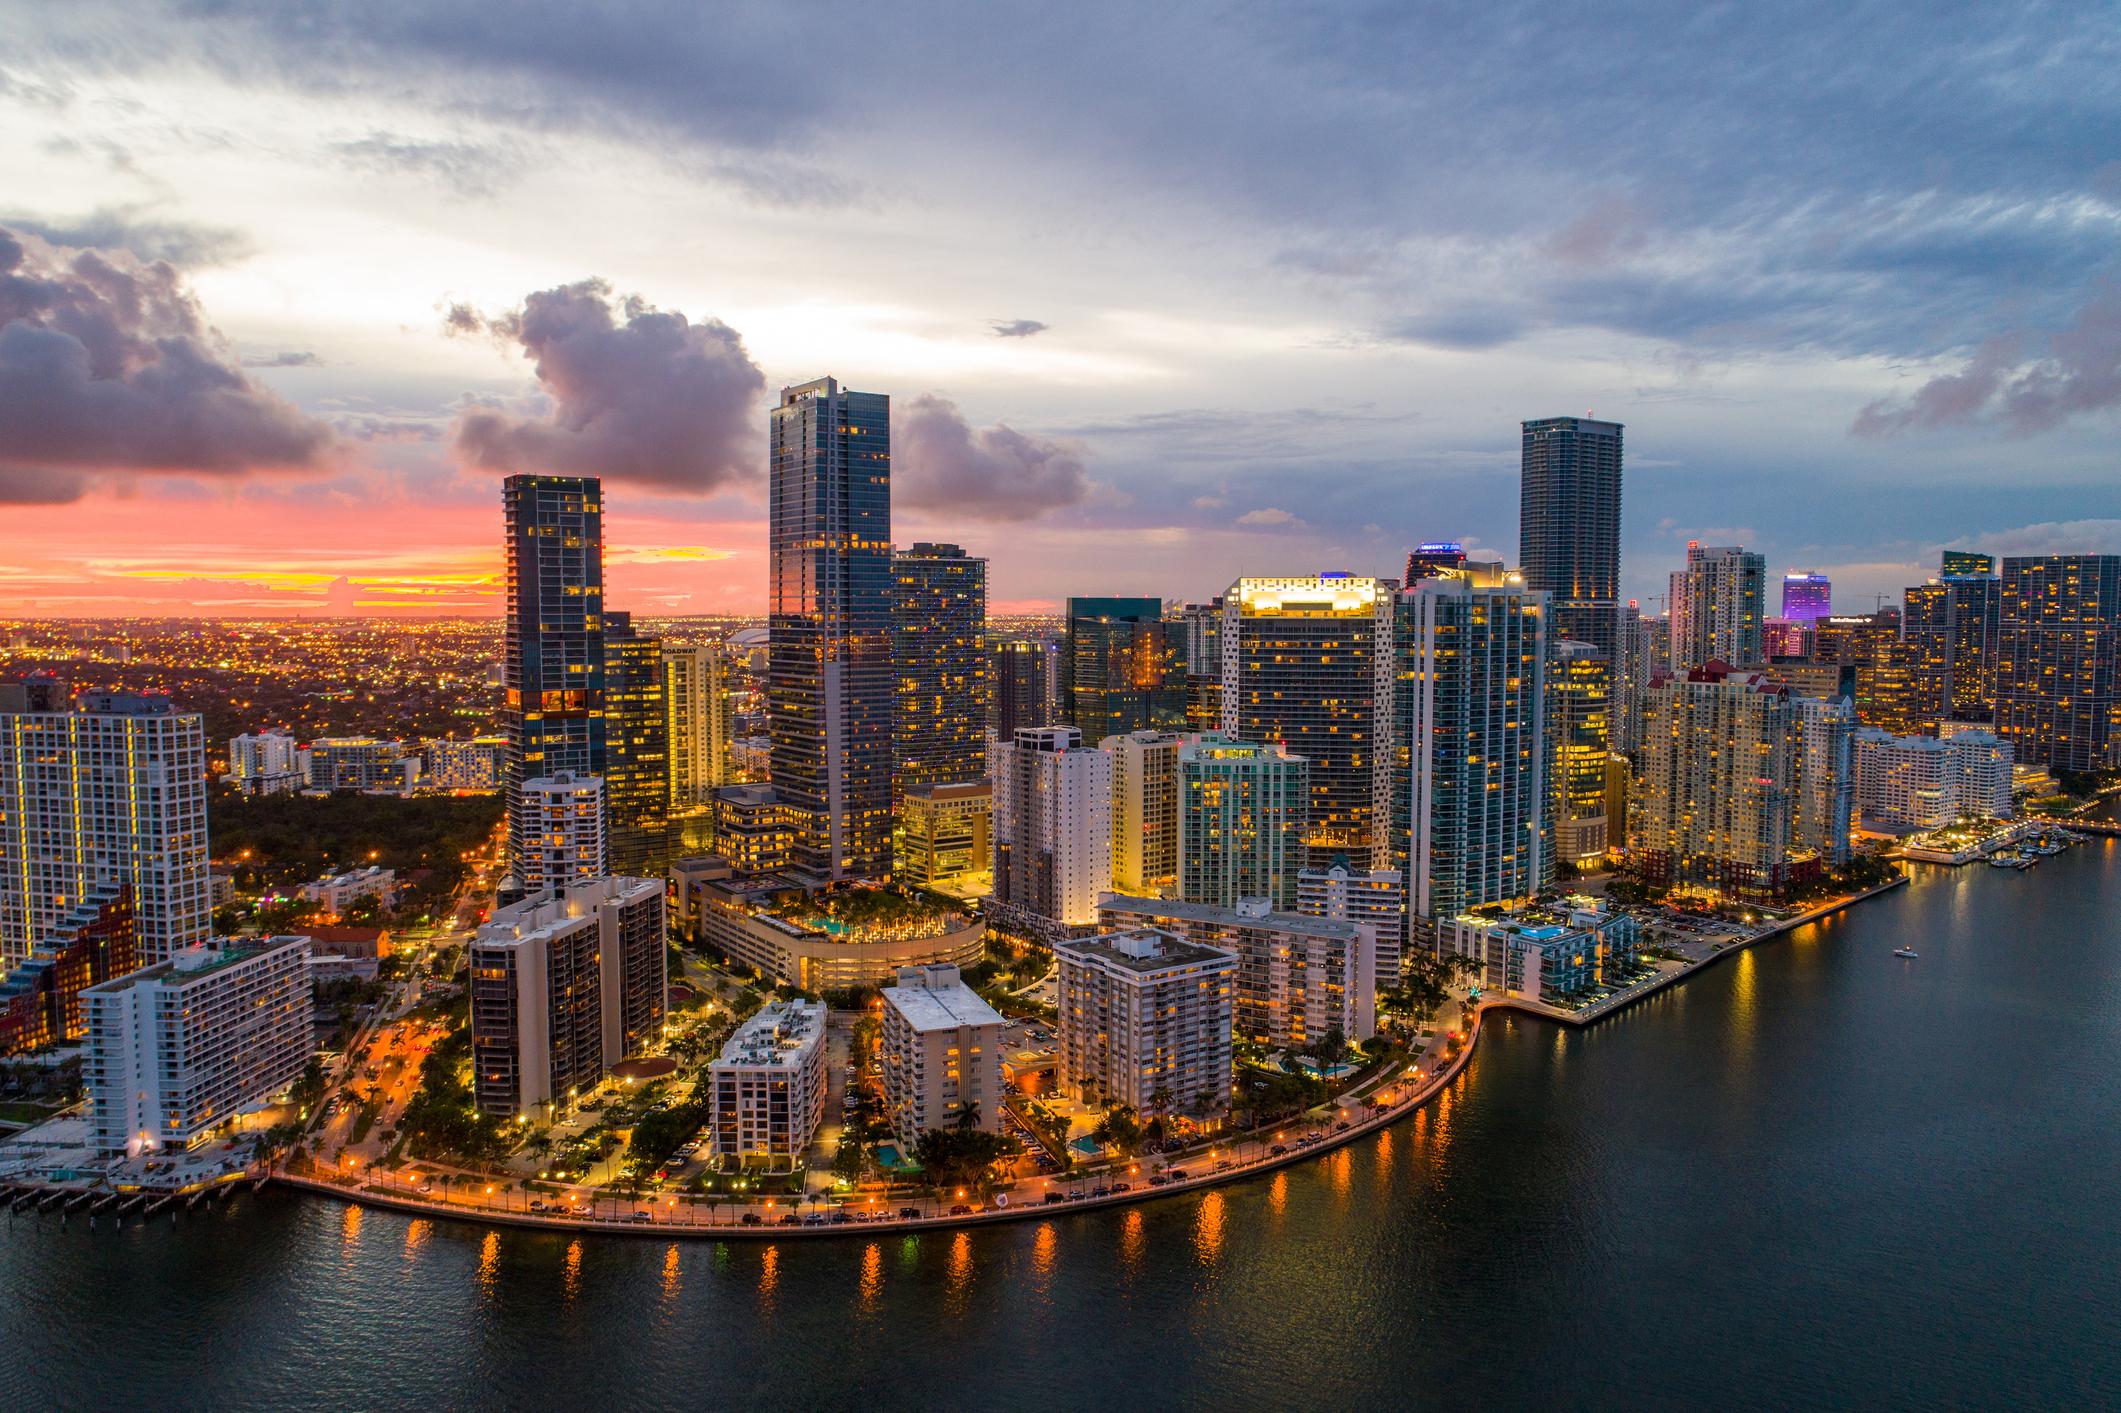 Executive search firm in Miami, FL